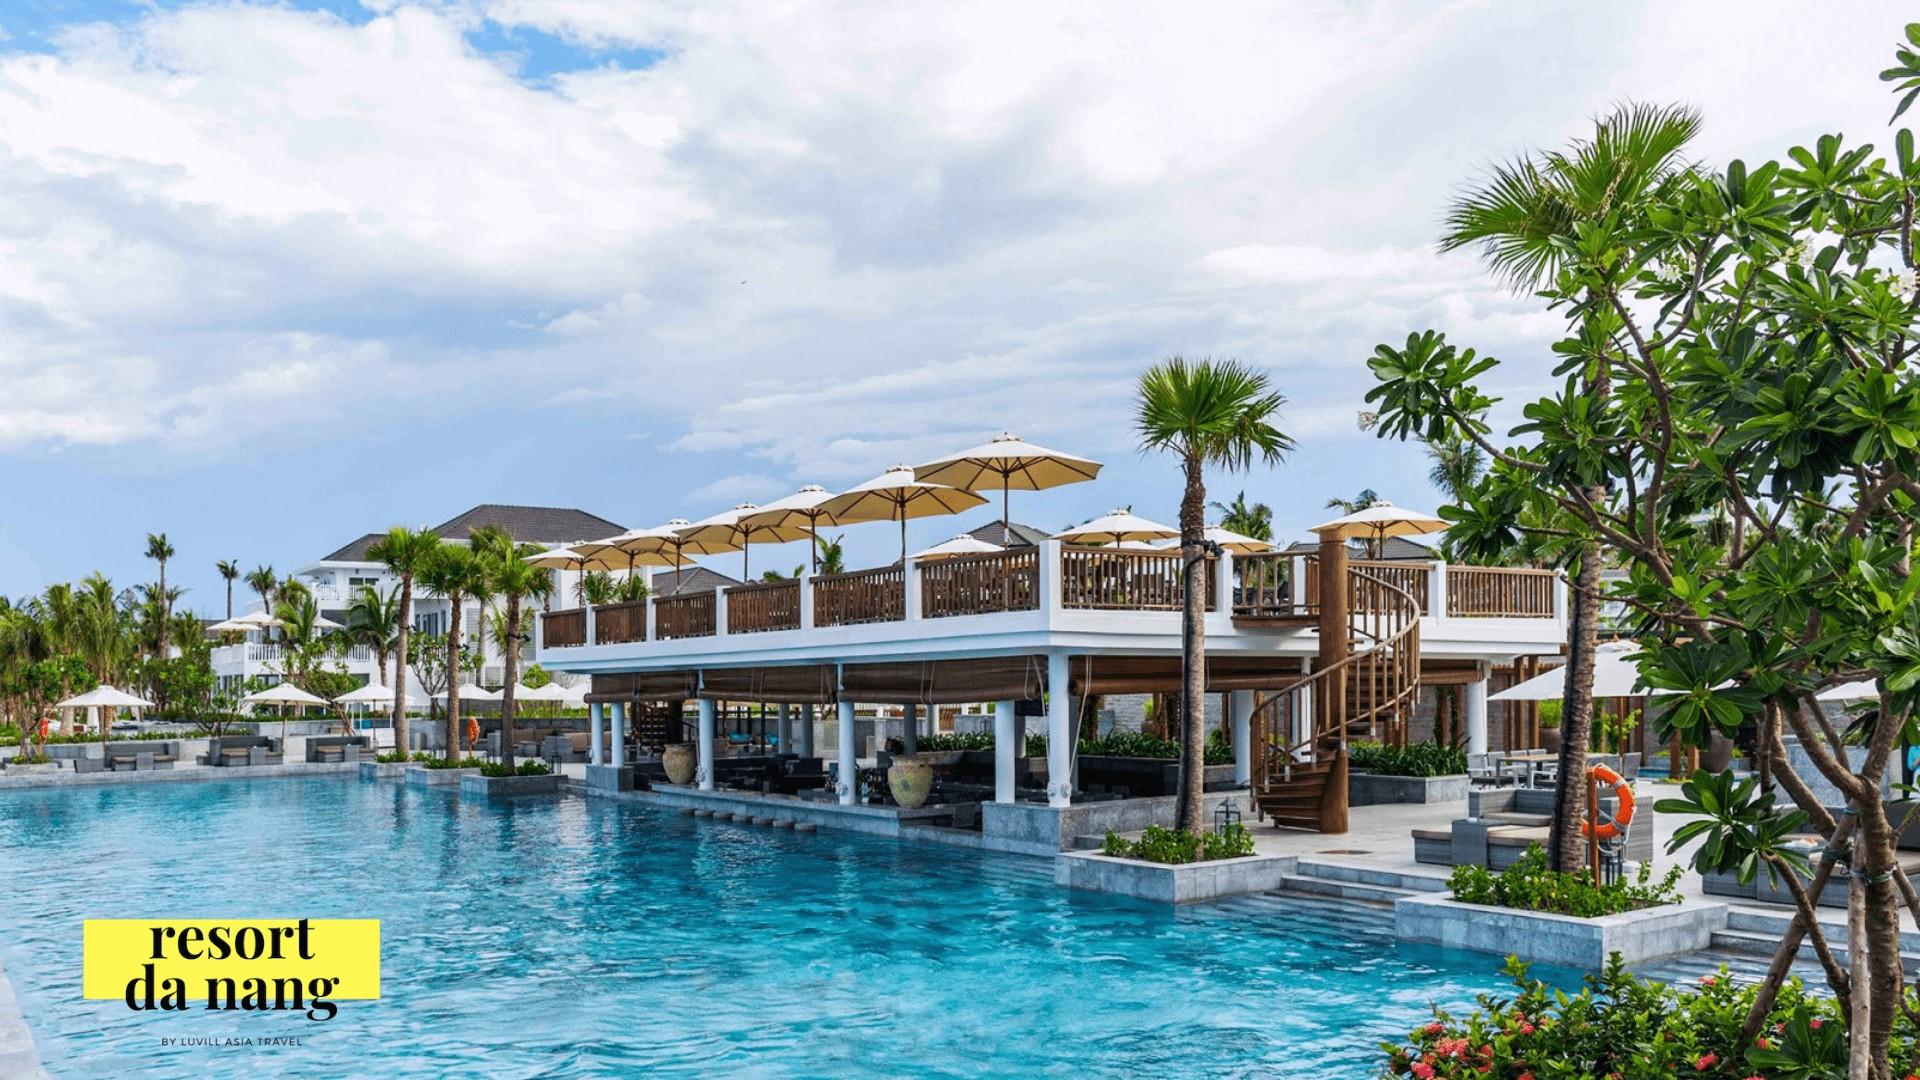 Hình ảnh hồ bơi tuyệt đẹp của Premier resort đà nẵng